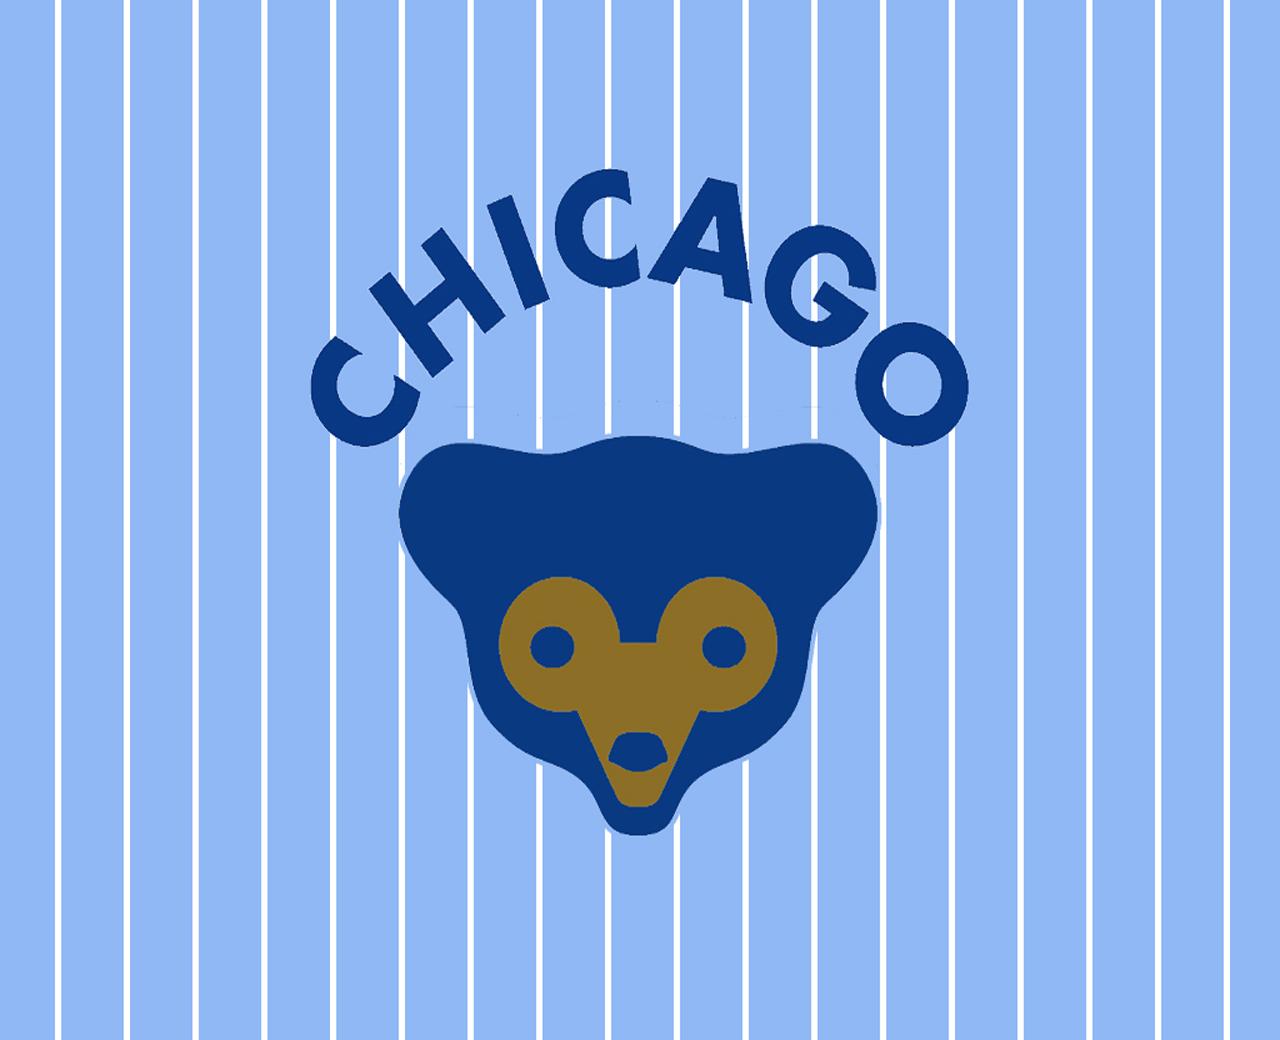 Chicago Cubs Desktop Wallpaper 1280x1040